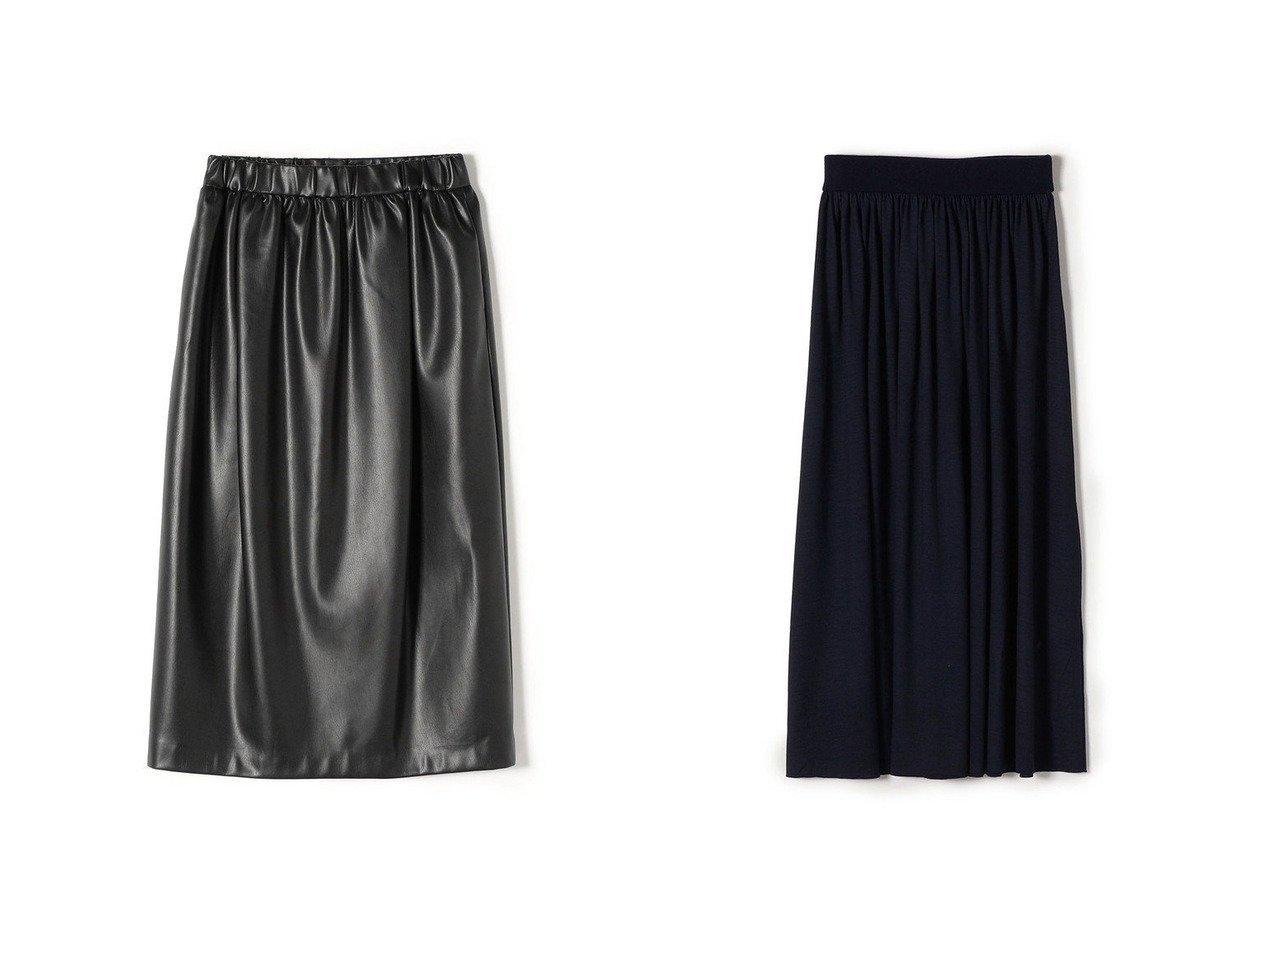 【SHIPS/シップス フォー ウィメン】のPrimary NavyLabel 〈手洗い可能〉ウールジャージースカート&Primary NavyLabel フェイクレザースカート 【スカート】おすすめ!人気、トレンド・レディースファッションの通販 おすすめで人気の流行・トレンド、ファッションの通販商品 インテリア・家具・メンズファッション・キッズファッション・レディースファッション・服の通販 founy(ファニー) https://founy.com/ ファッション Fashion レディースファッション WOMEN スカート Skirt Aライン/フレアスカート Flared A-Line Skirts バルーン フェイクレザー ベーシック 再入荷 Restock/Back in Stock/Re Arrival ギャザー フレア |ID:crp329100000067245